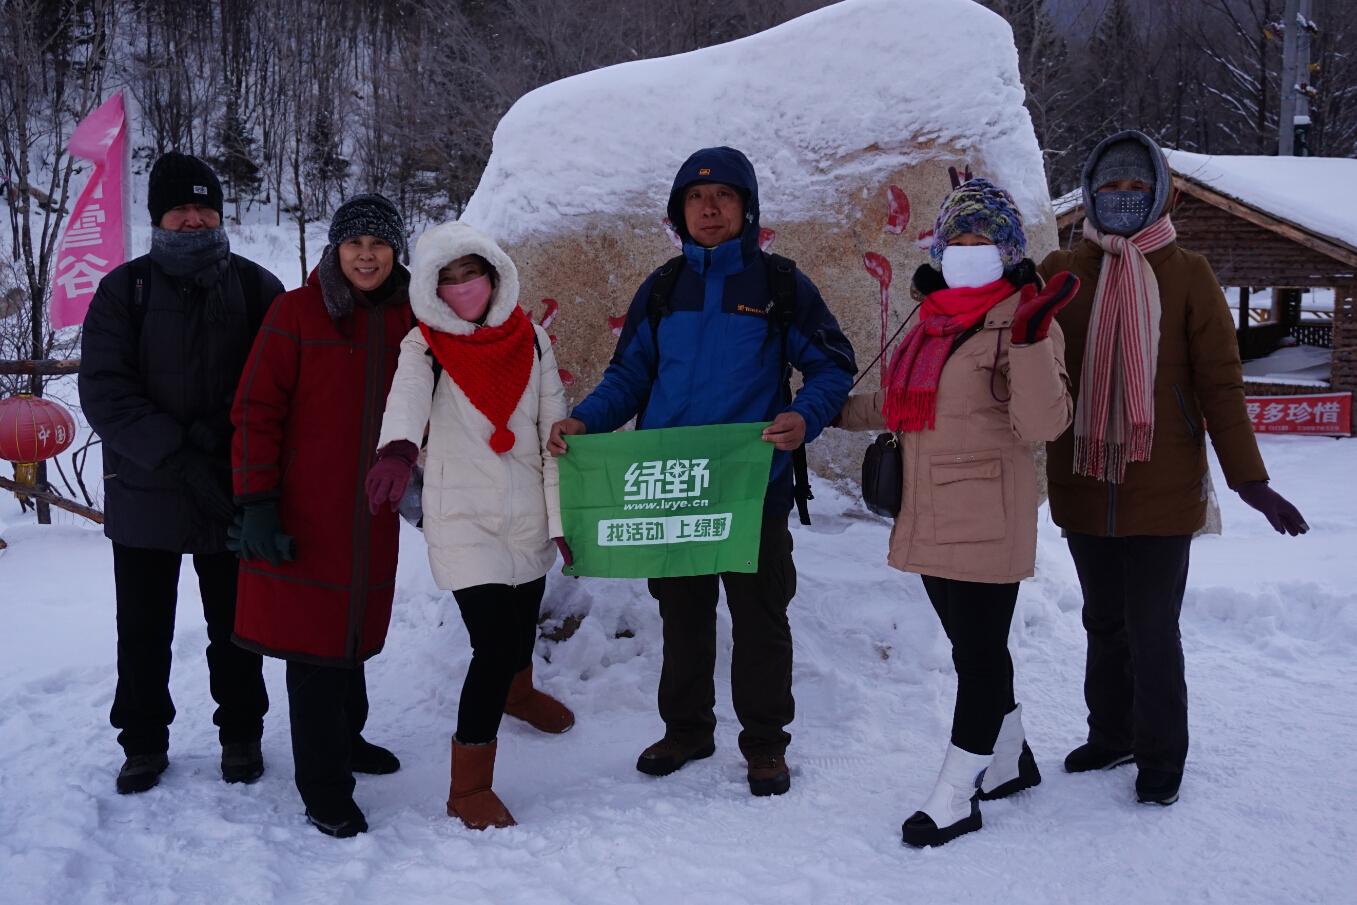 雪谷至雪乡穿越印记-葫芦岛-辽宁-绿野户外网